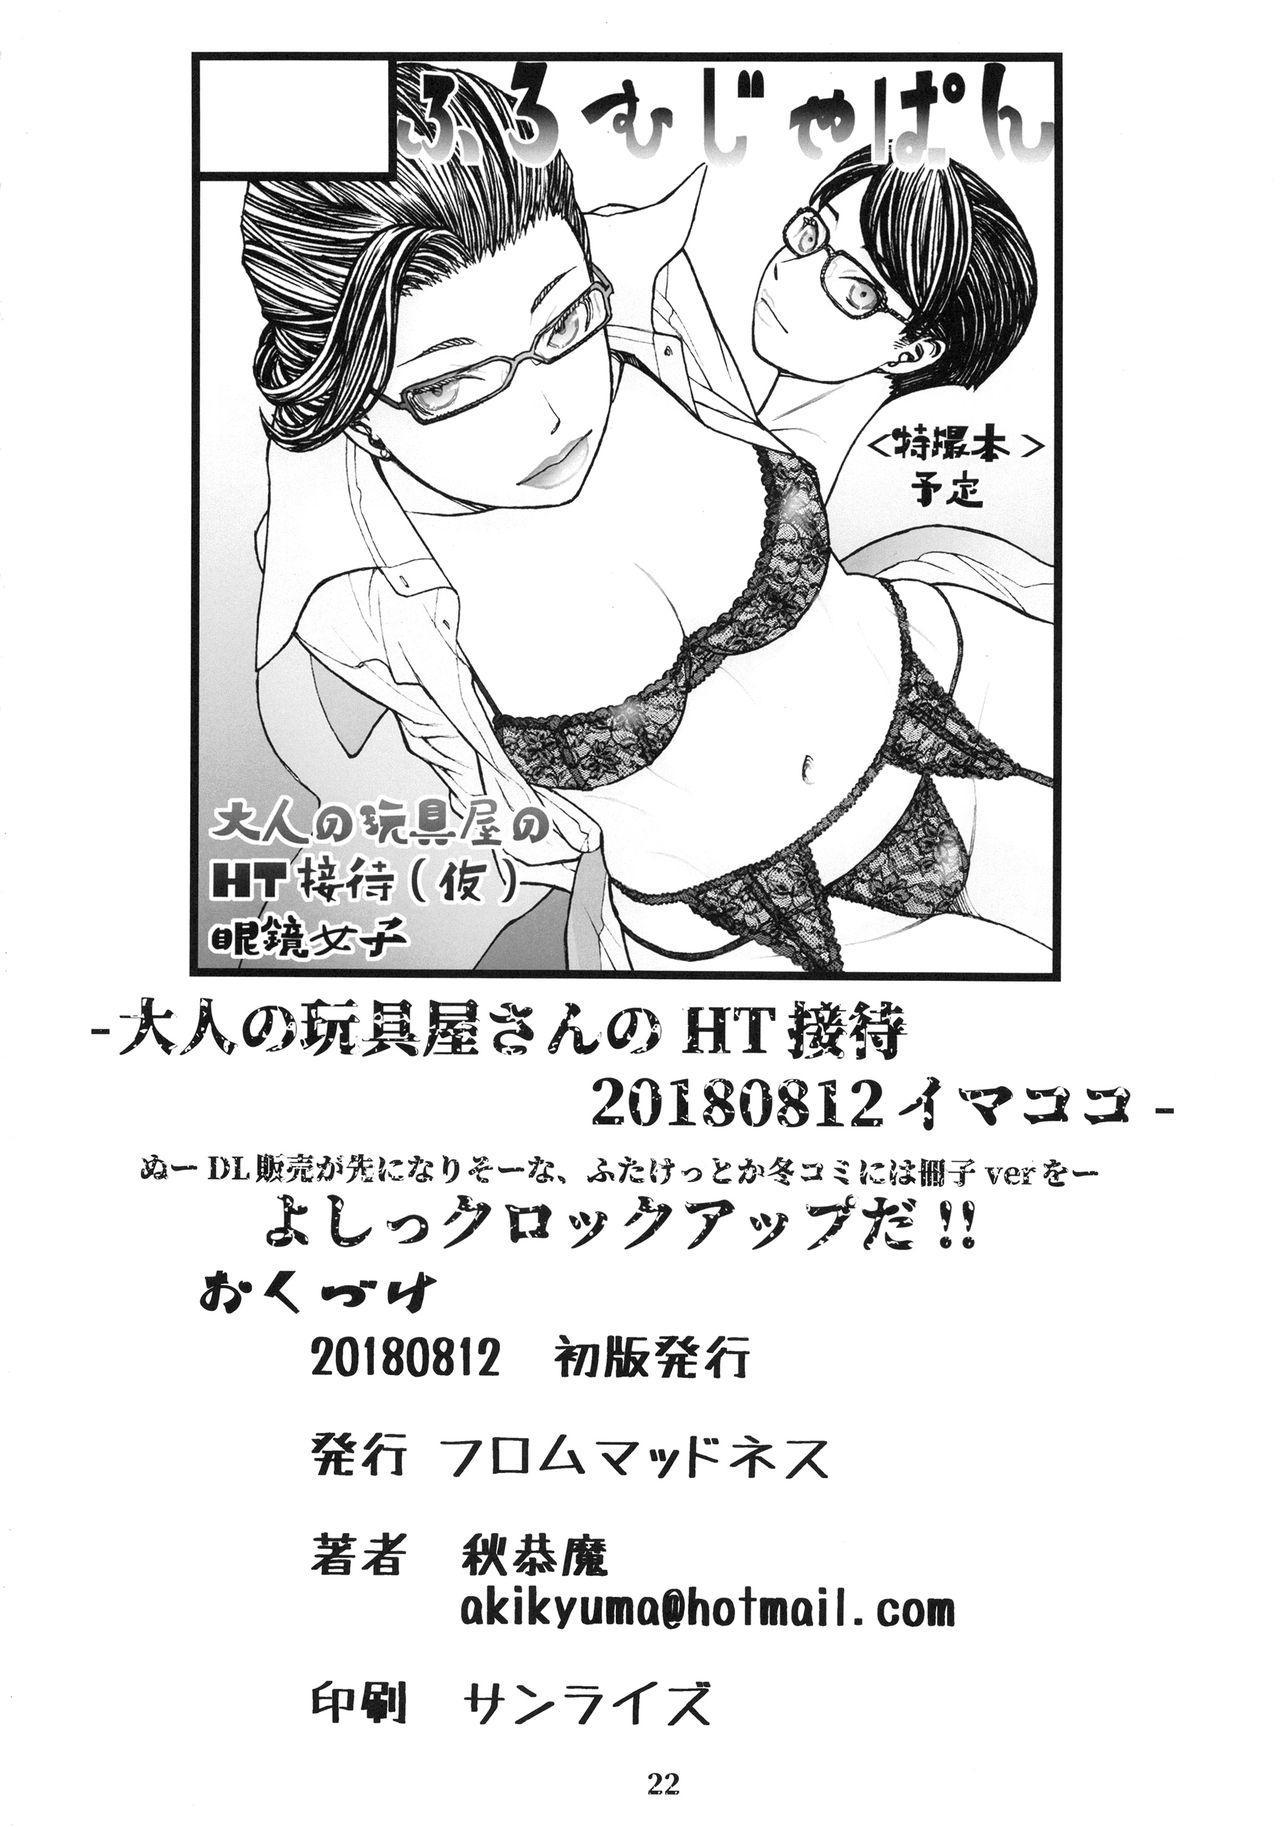 Otona no Omochaya-san no HT Settai Ima Koko 20